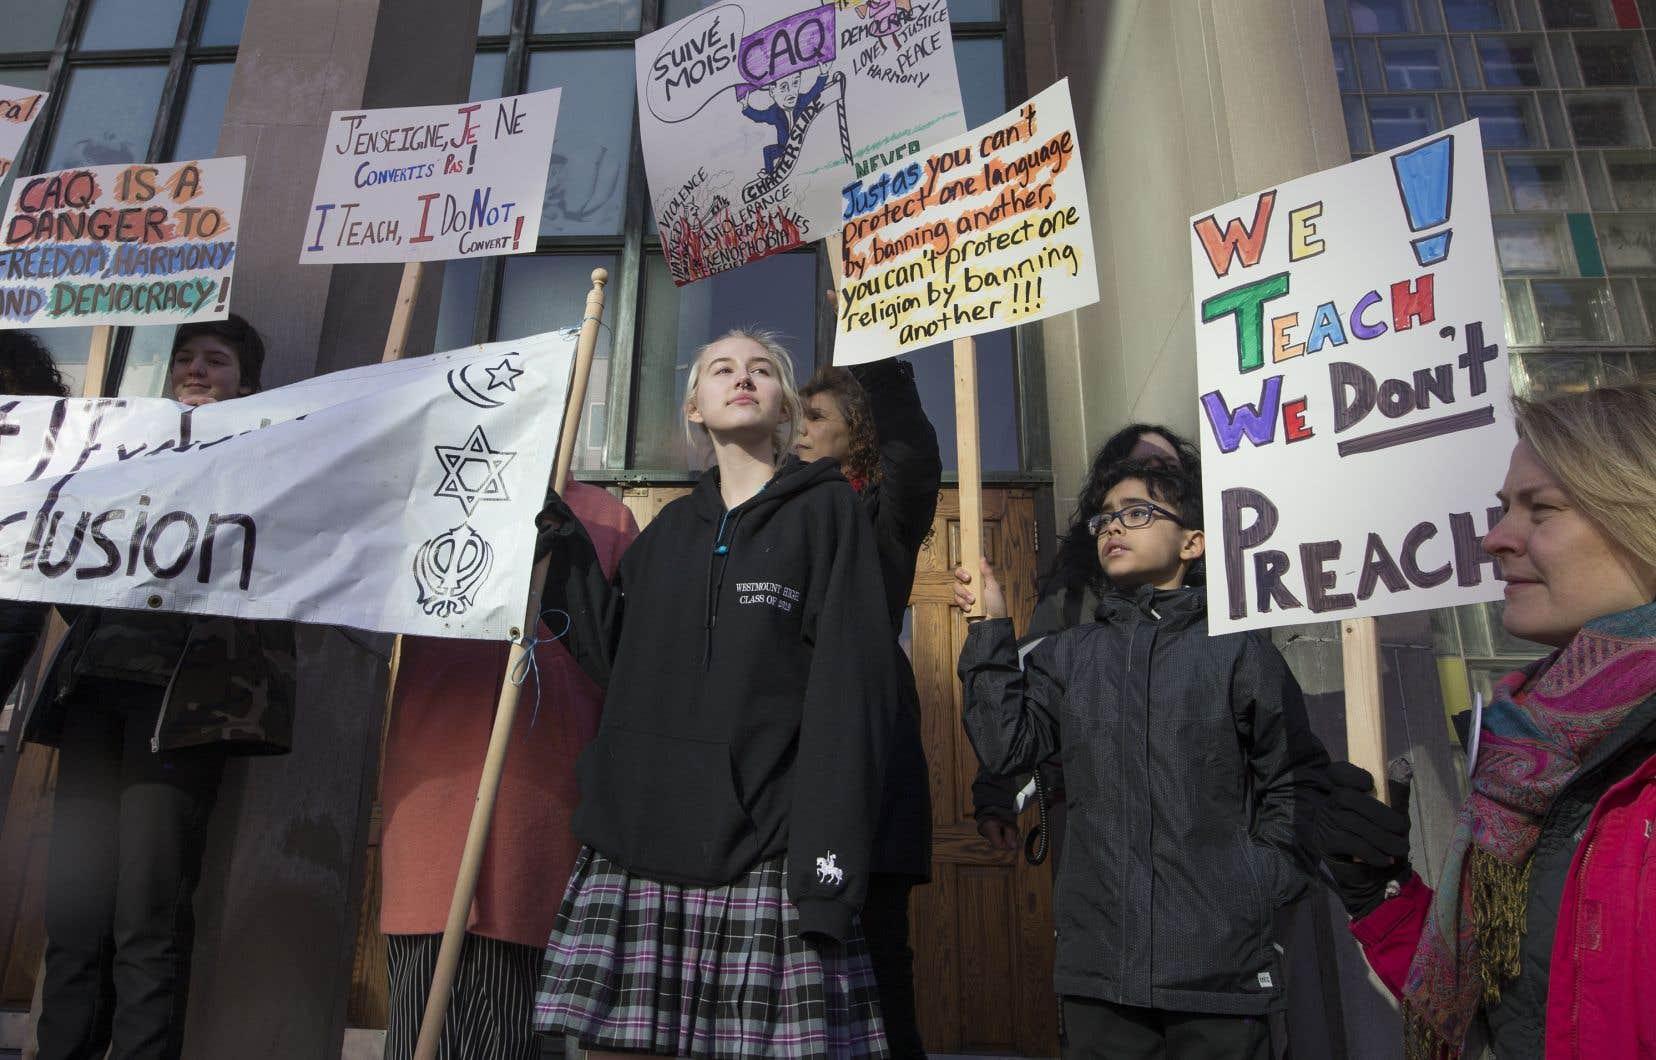 Le 3 avril, des dizaines de personnes avaient manifesté devant l'école secondaire Westmount contre le projet de loi 21.